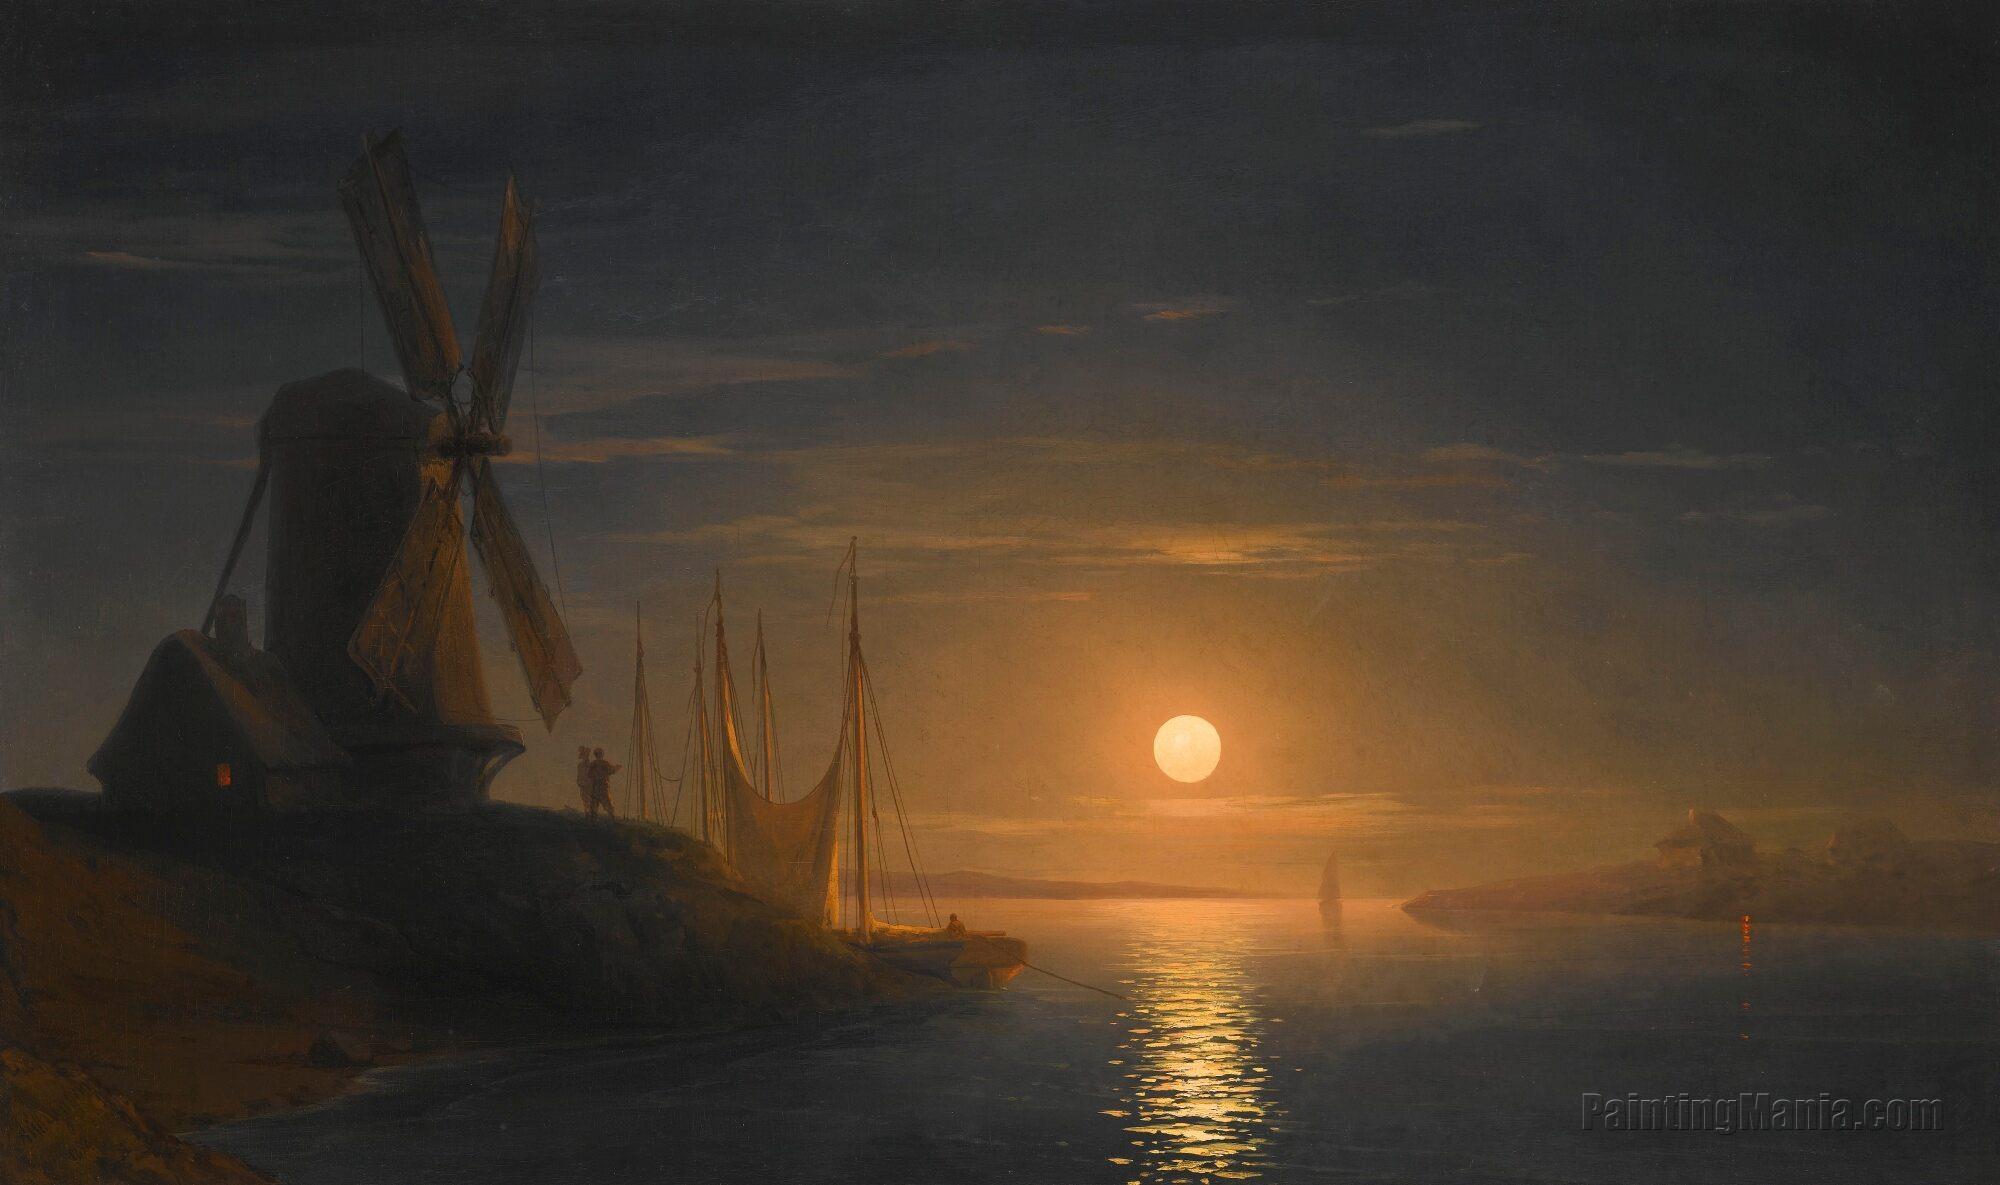 Moonlight Over the Dnieper